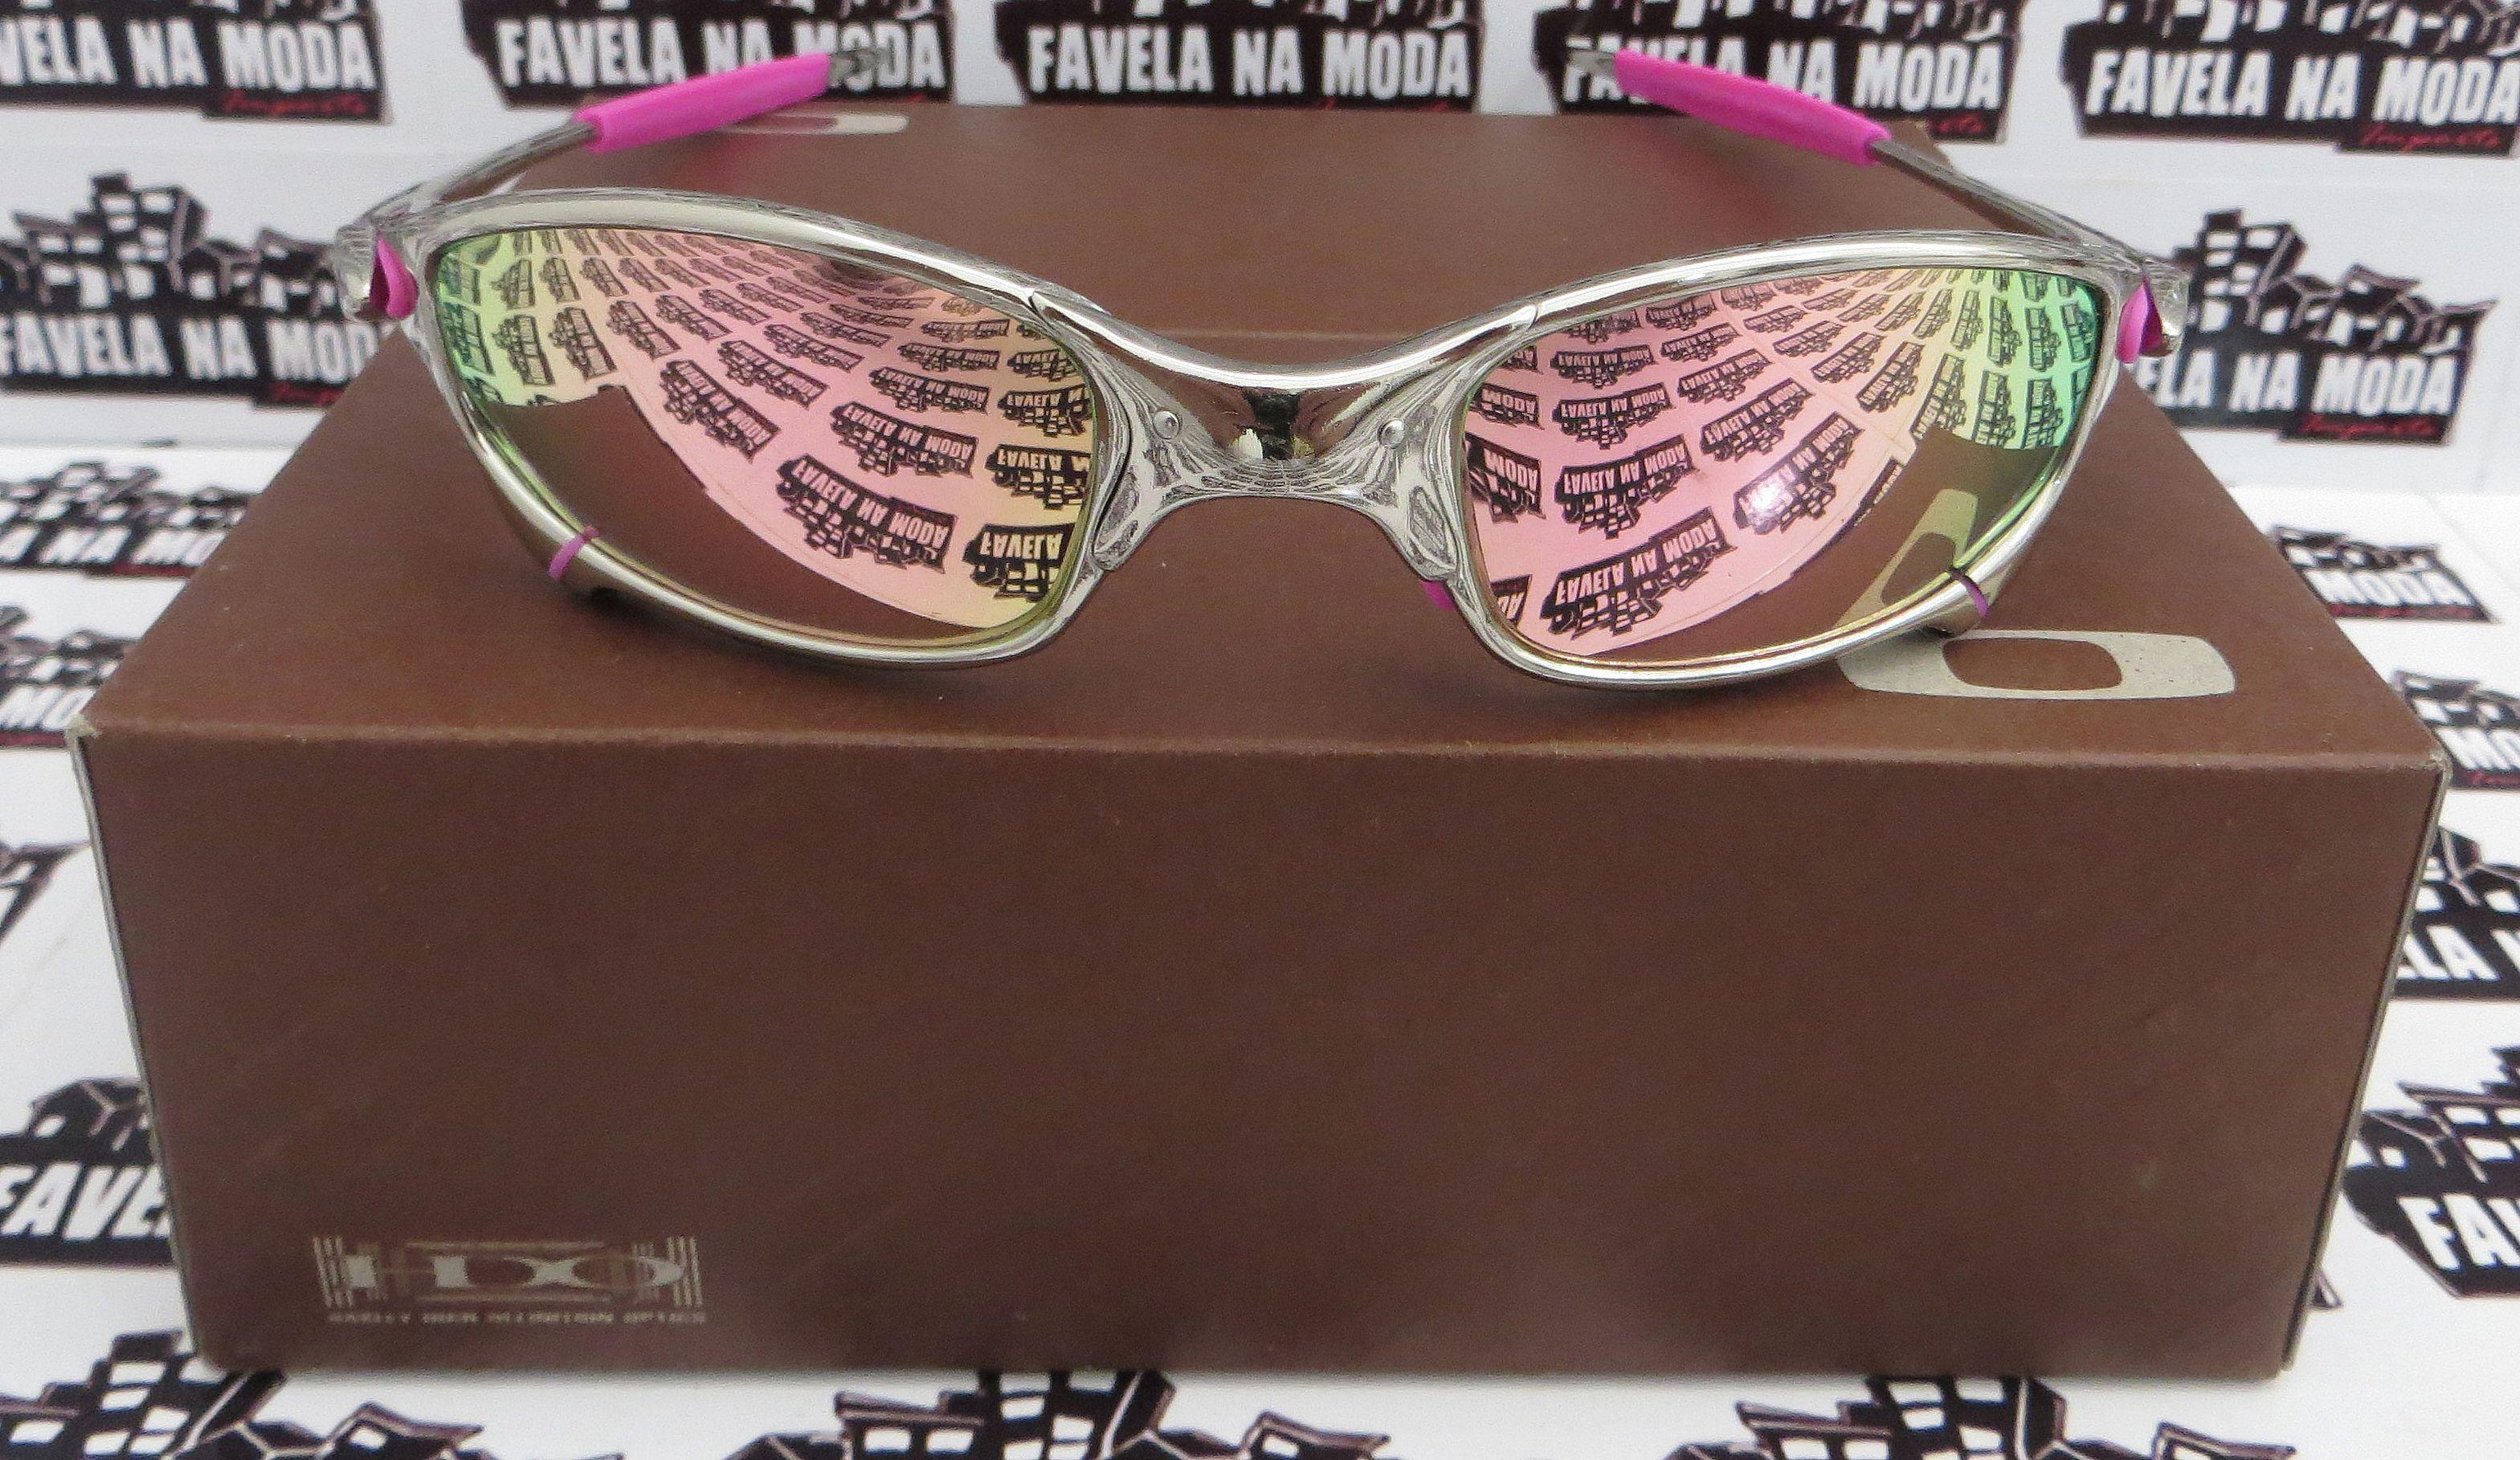 0d69d8506 Óculos - Óculos Oakley - Juliet - Favela na Moda Imports